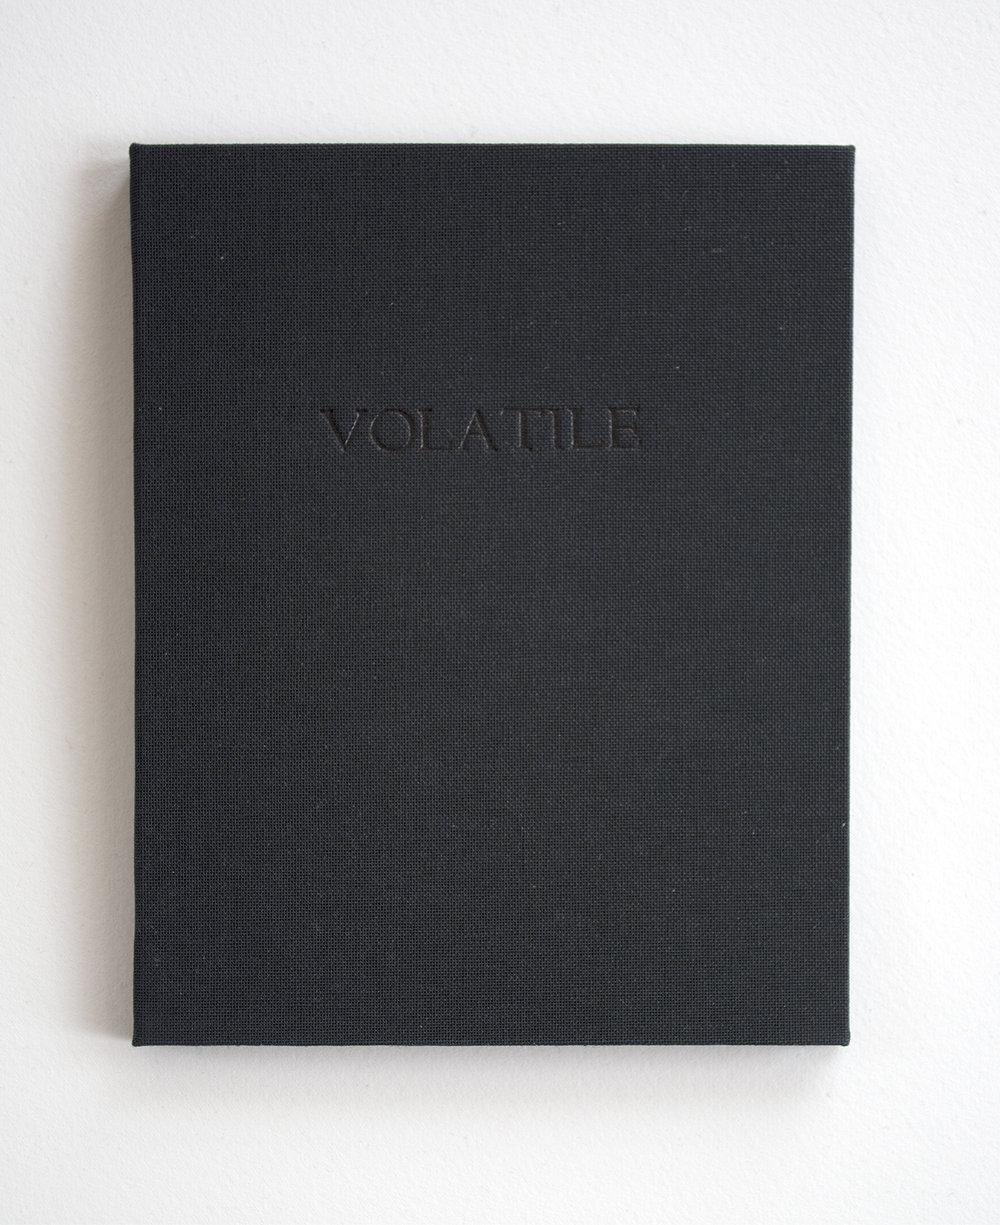 Volatile! - 2015, 4.5